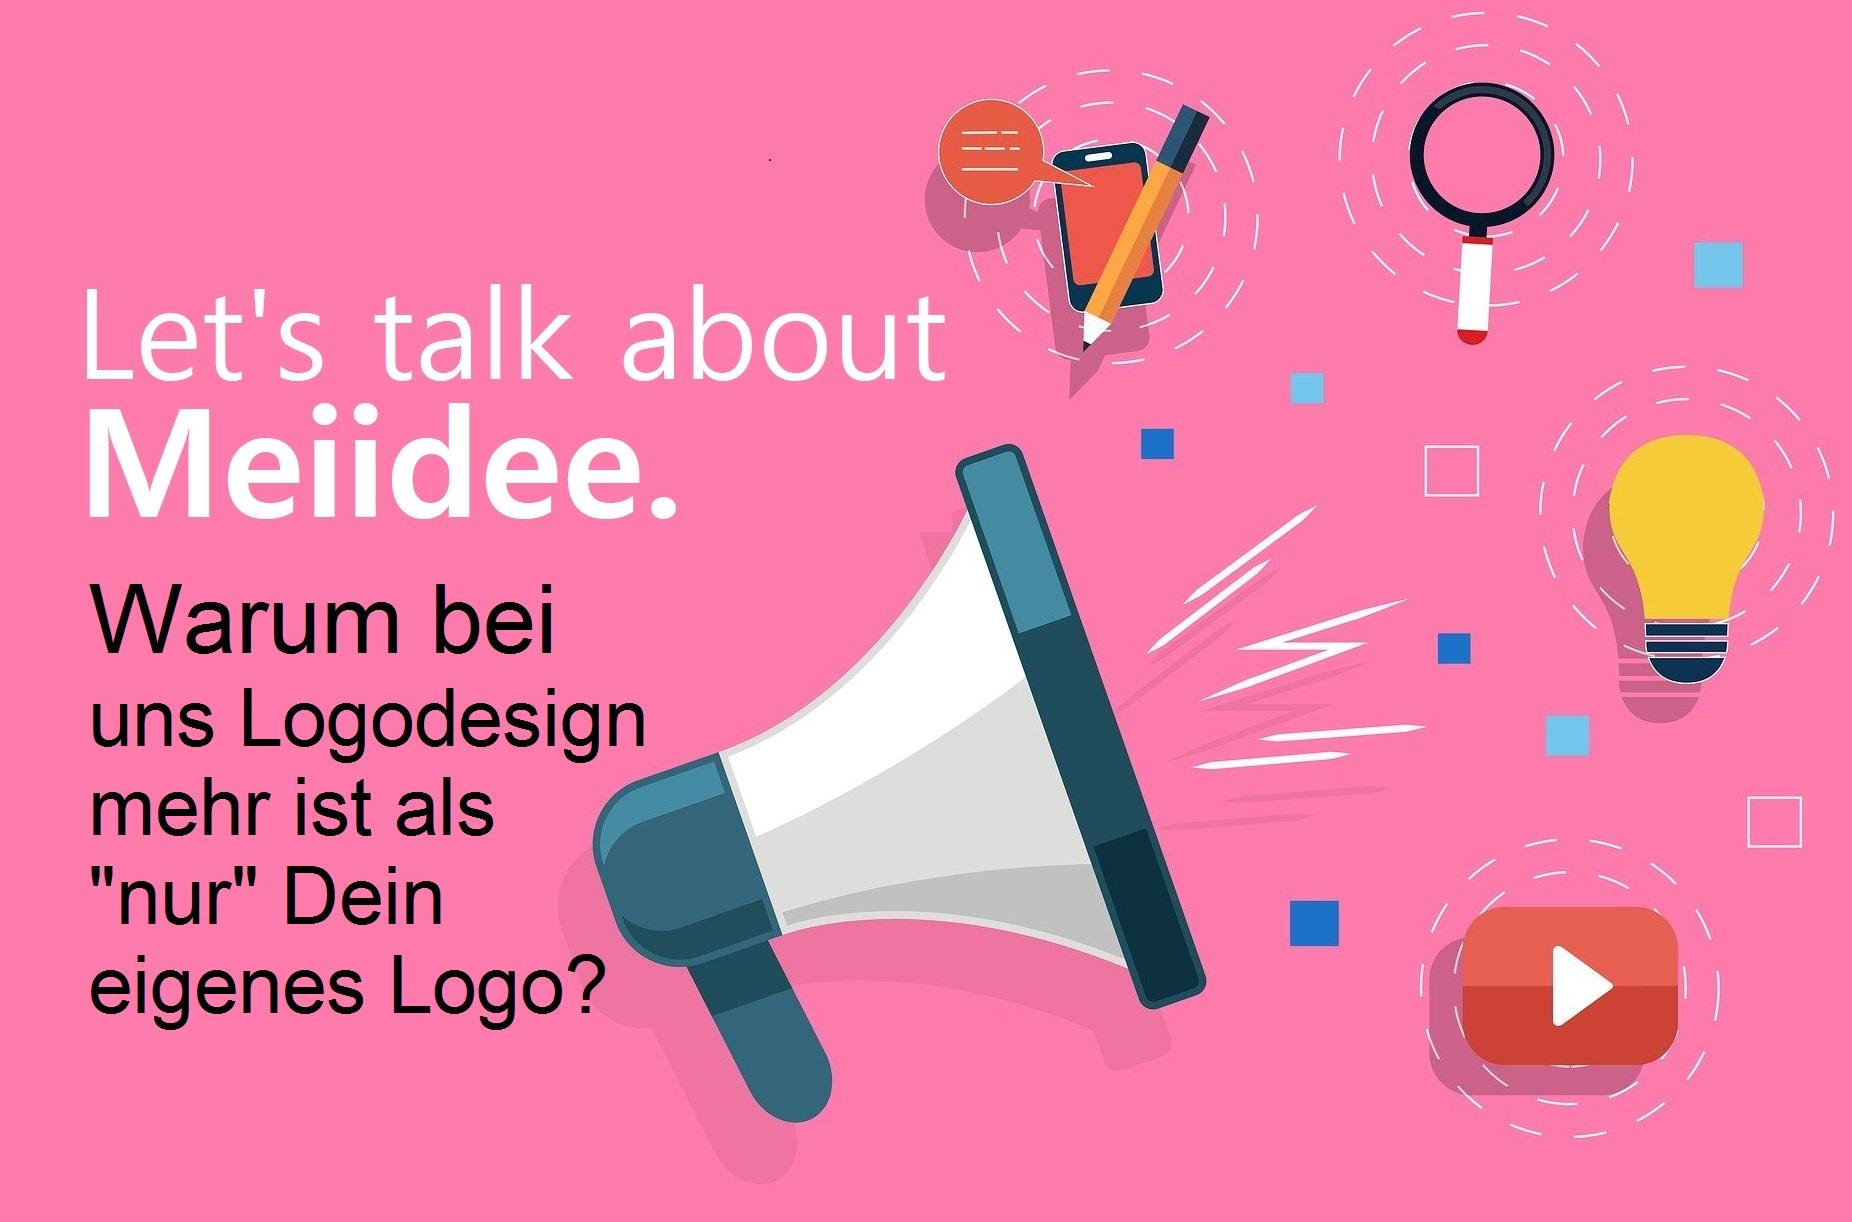 """Let's talk about Meiidee! – Warum bei uns Logodesign mehr ist als """"nur"""" Dein eigenes Logo?"""